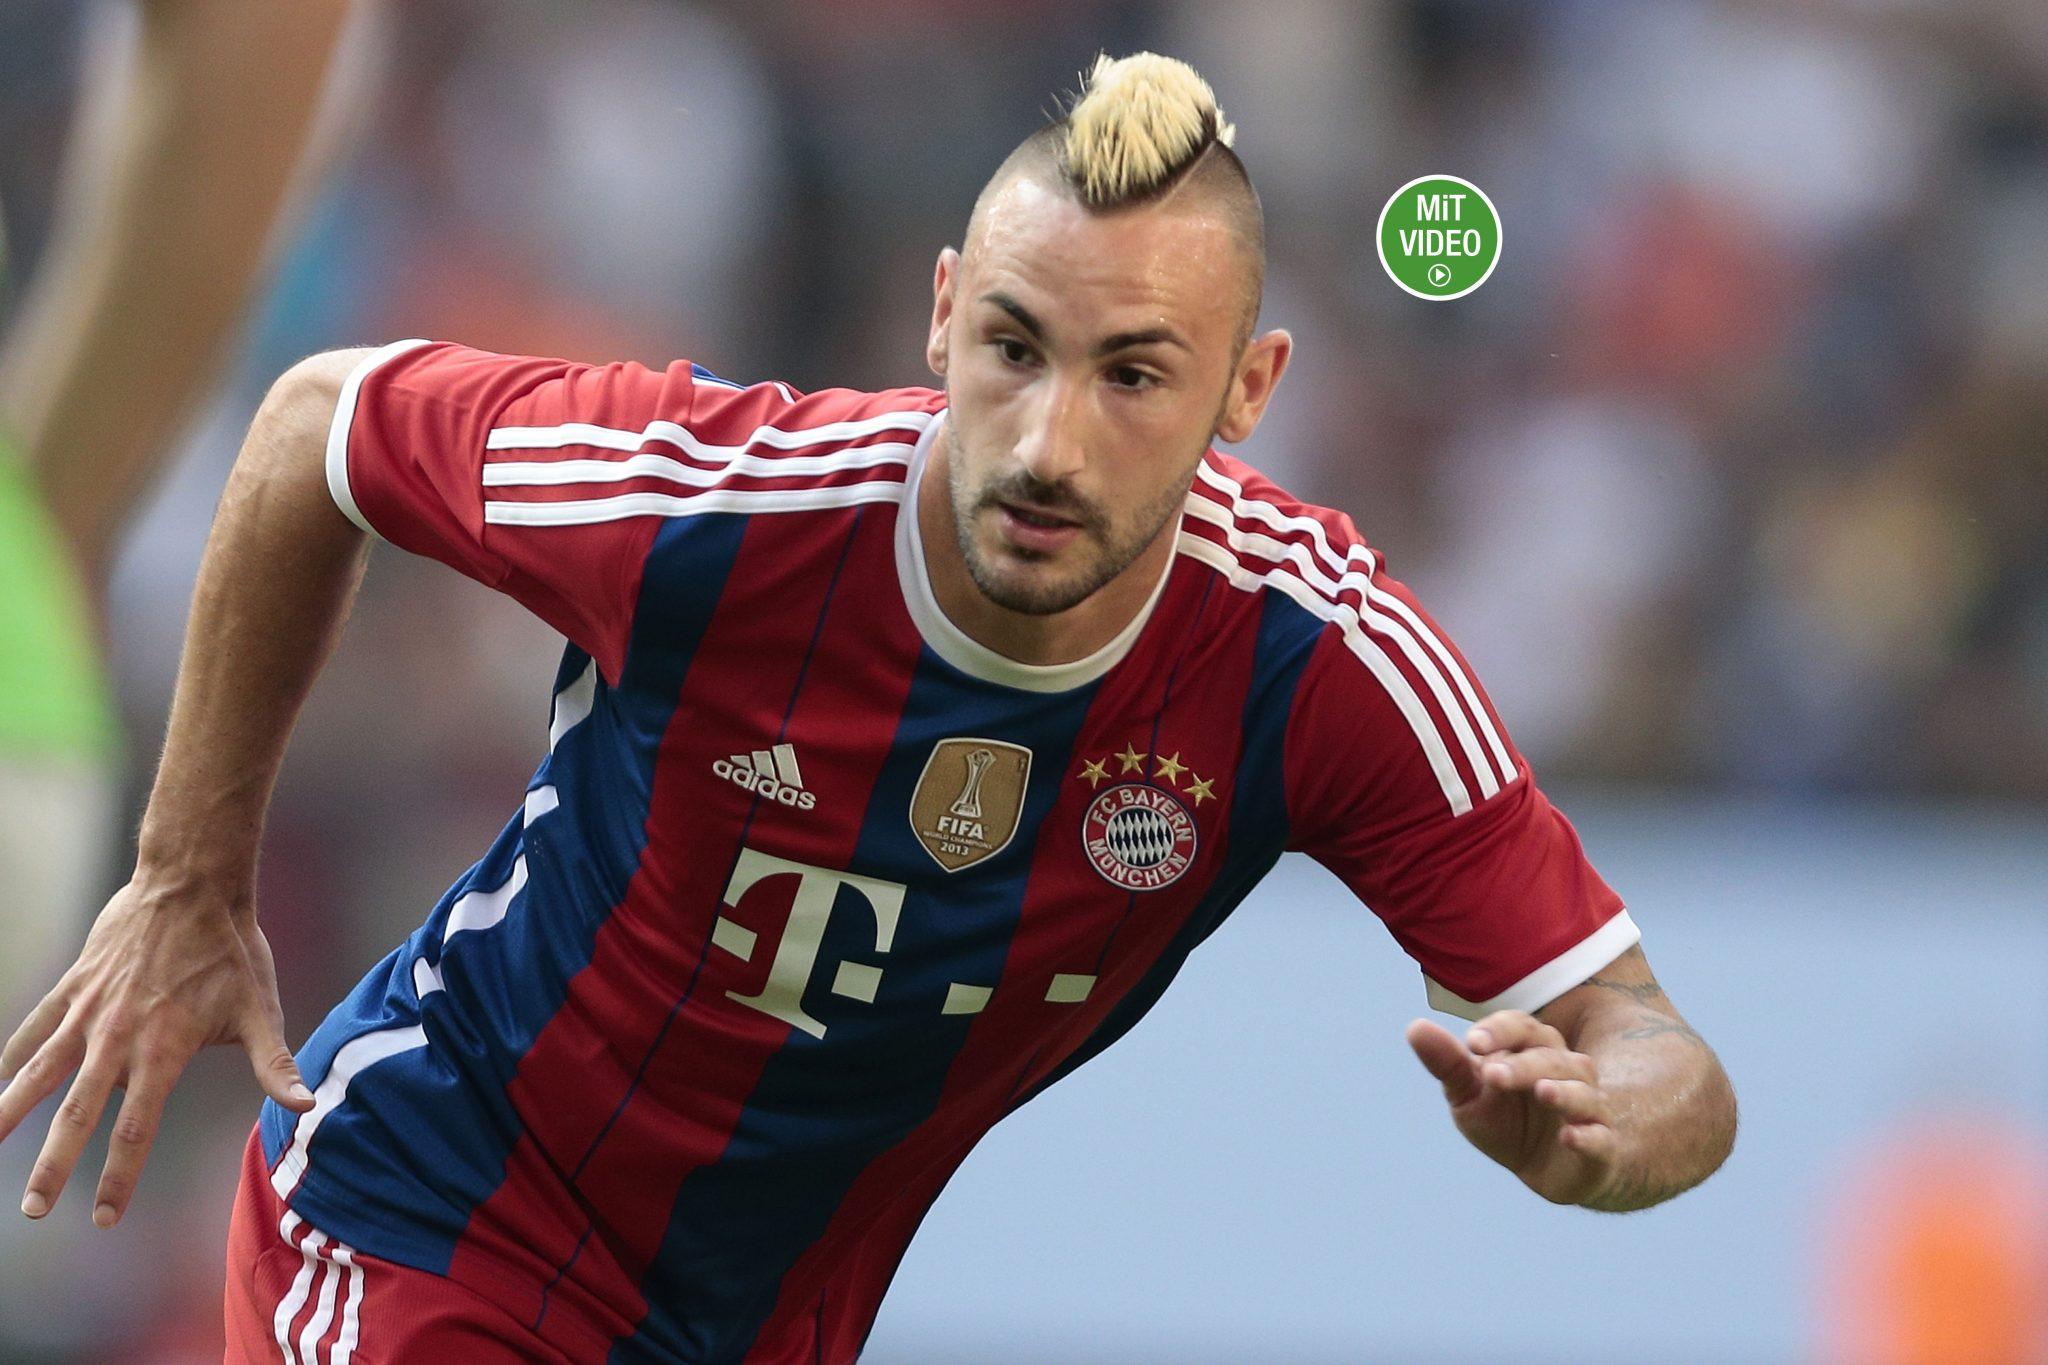 Spieler Von Bayern München